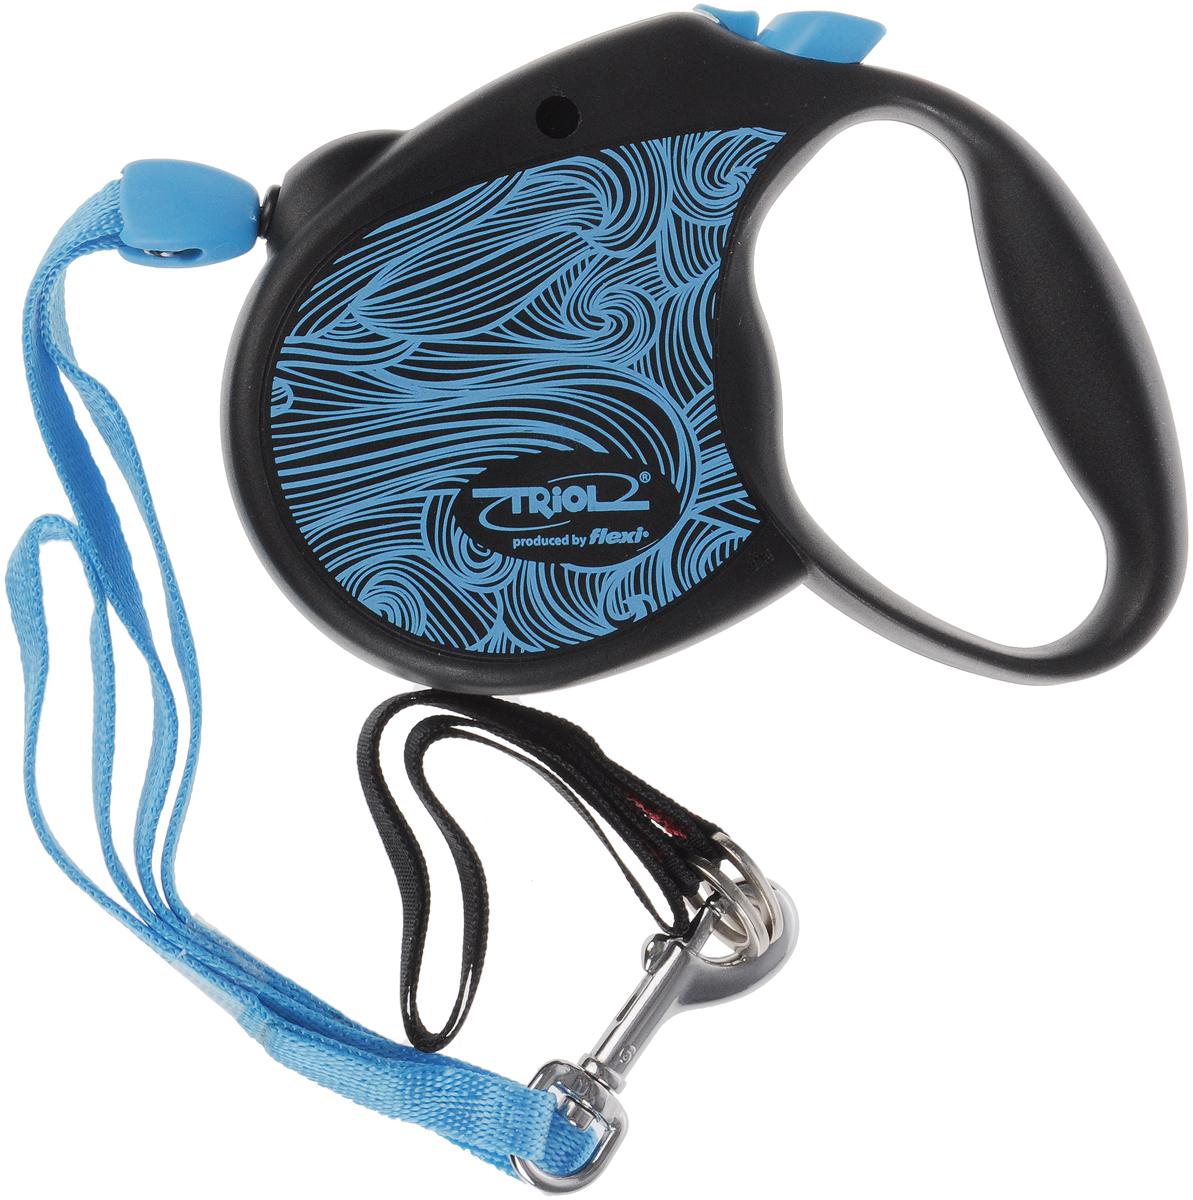 Поводок-рулетка Triol Colour, цвет: голубой, черный, длина 5 м. Размер S поводки triol поводок со светоотражающей строчкой серый размер m 20 x 1200мм